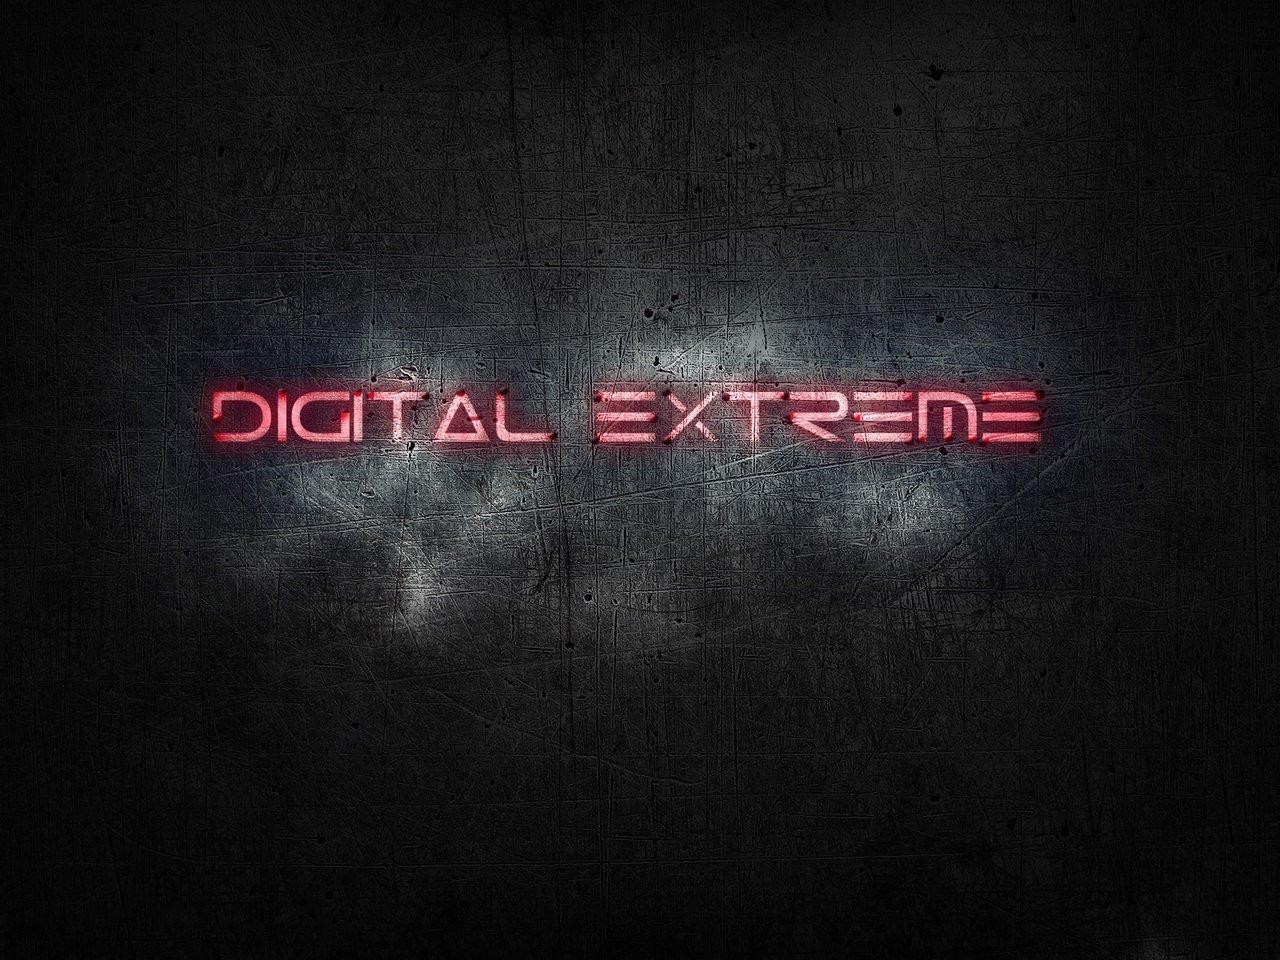 Итак, спешим оповестить, что Digital eXtreme предлагает свои услуги. Нам сейчас очень сильно нужны денежки на новое  ... - Изображение 1